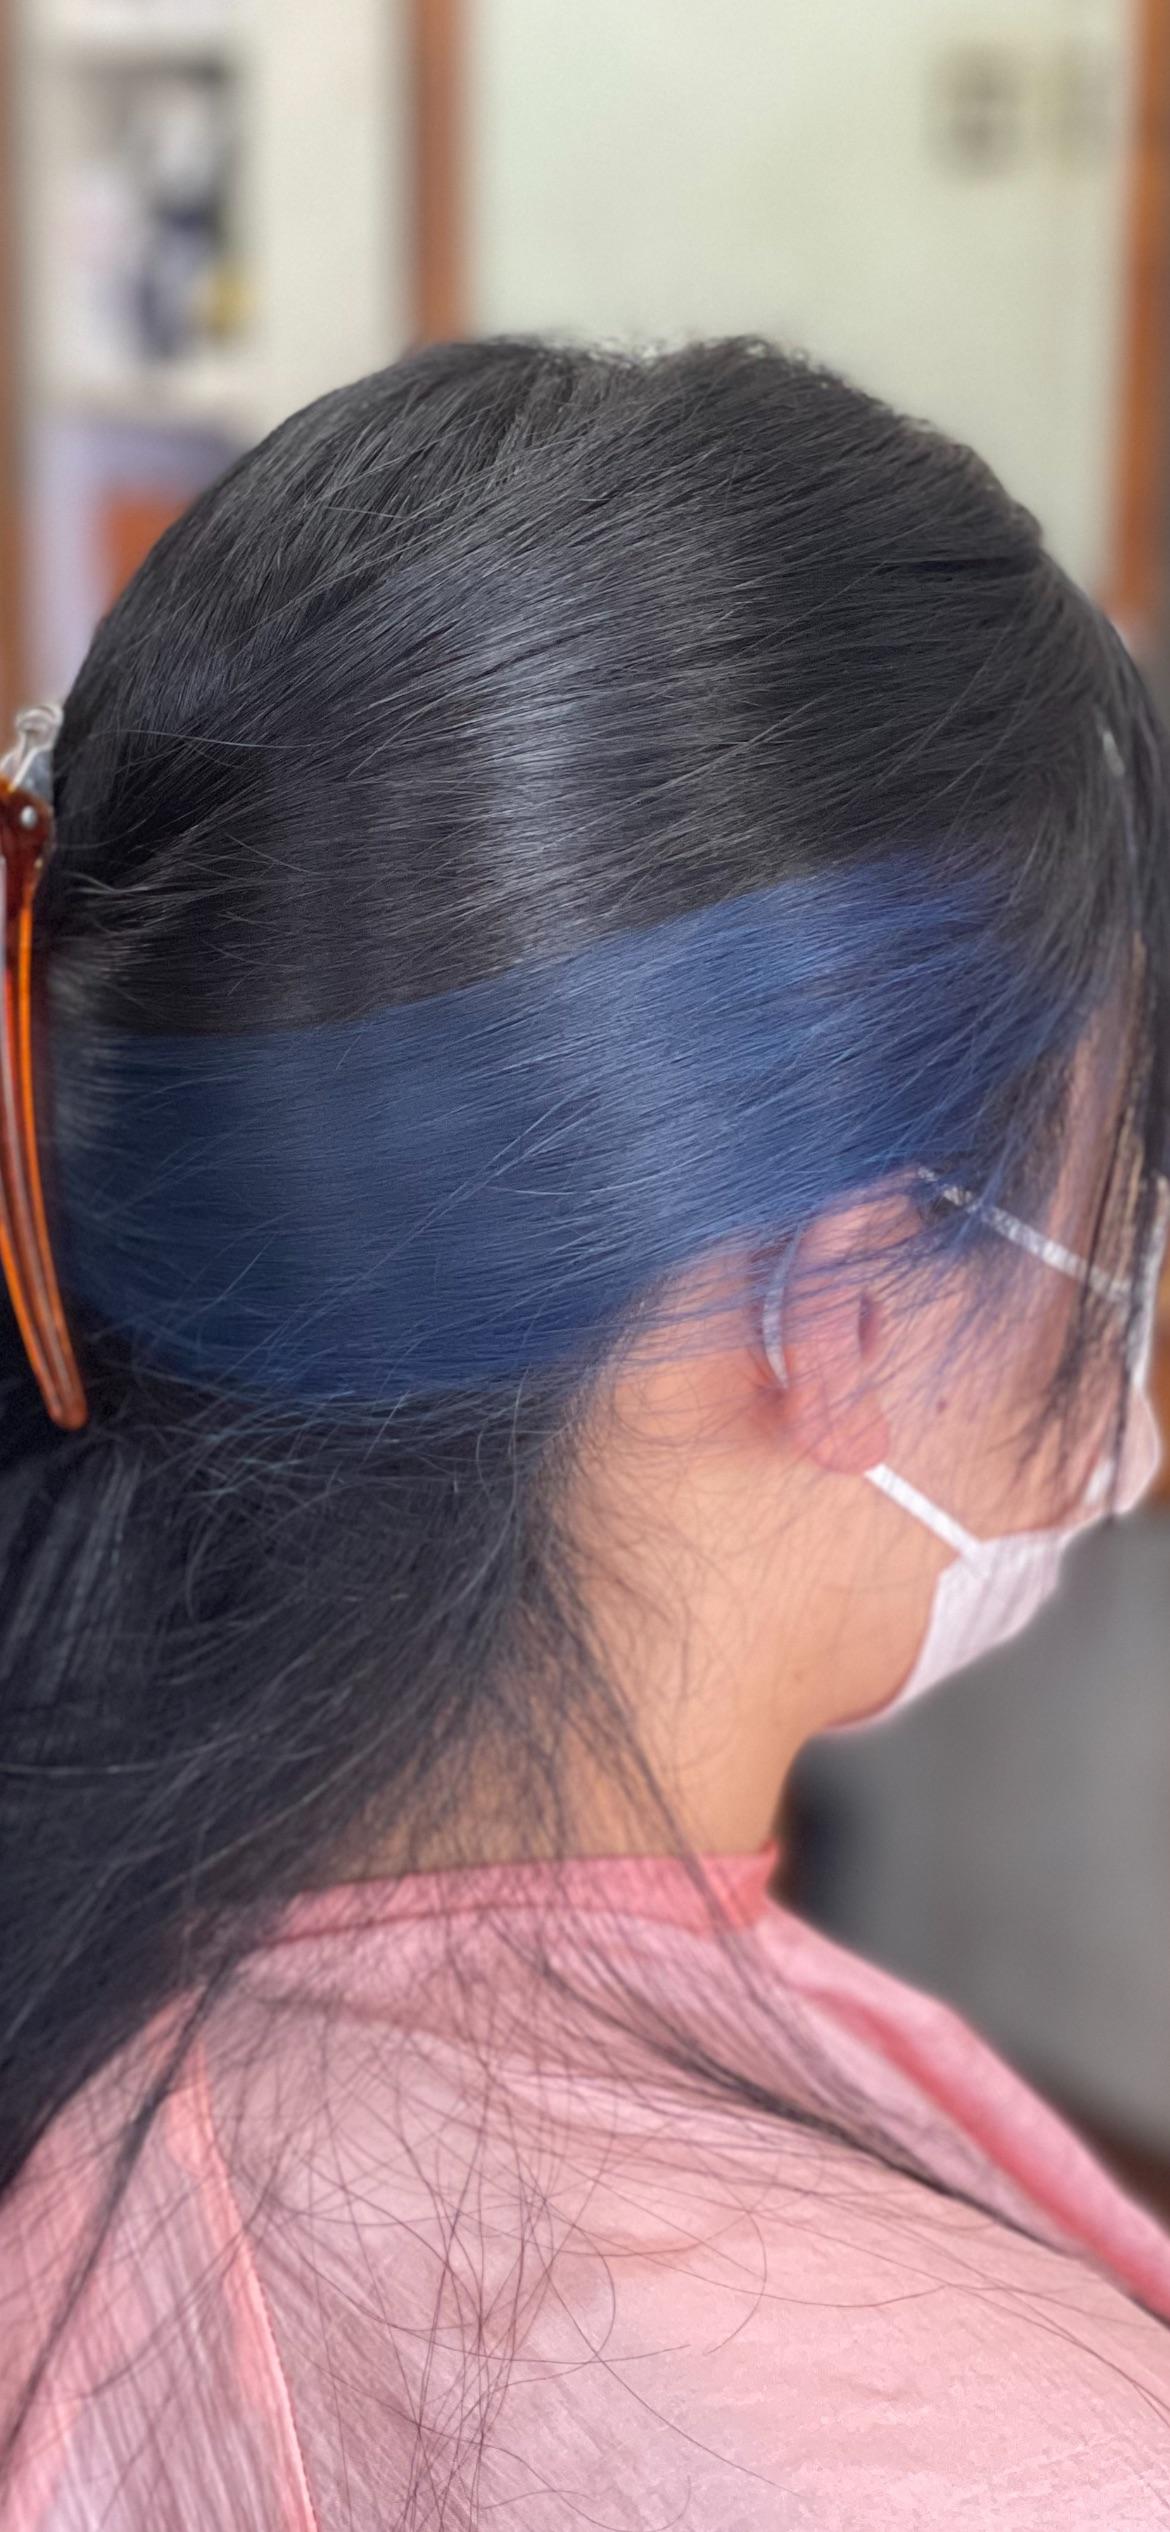 #鮮やかな #ブルー系インナーカラー & #ブルーブラック